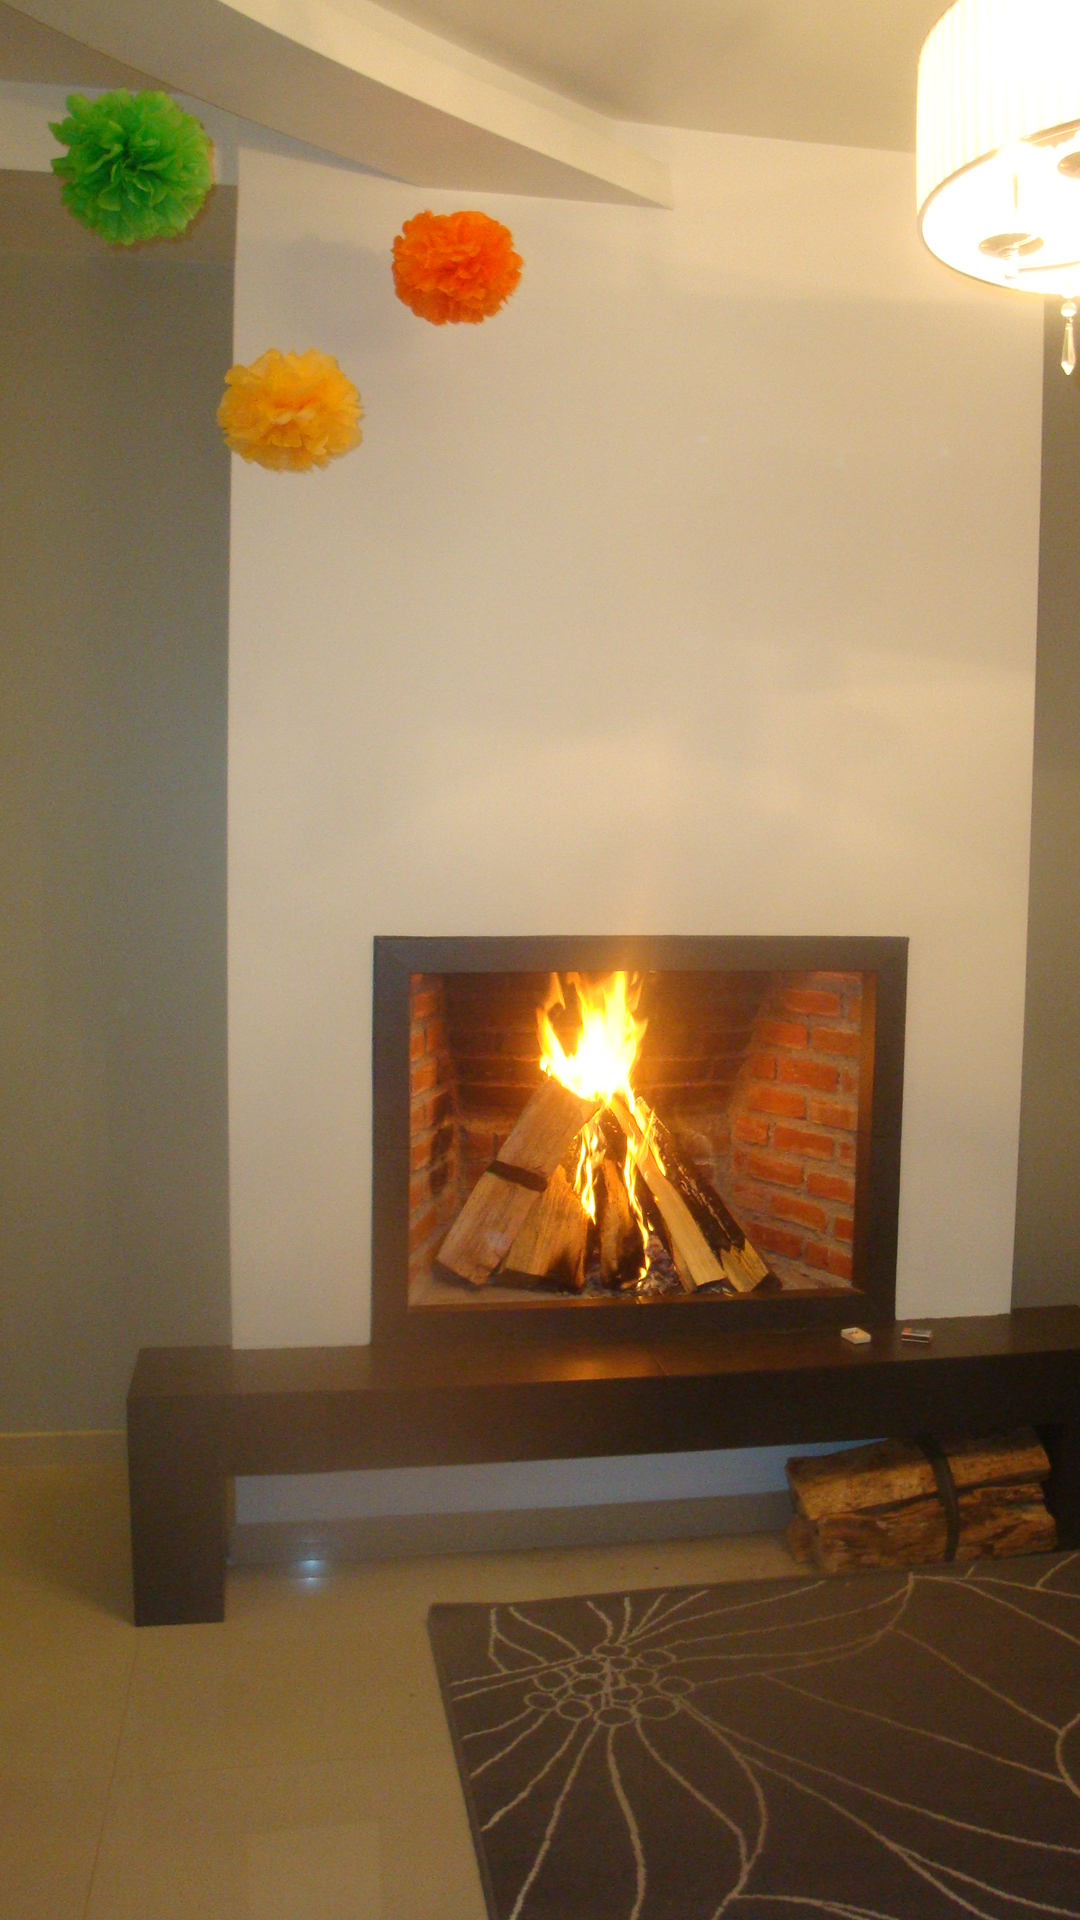 Chimenea ensenada chimeneas baja for Chimeneas lena modernas